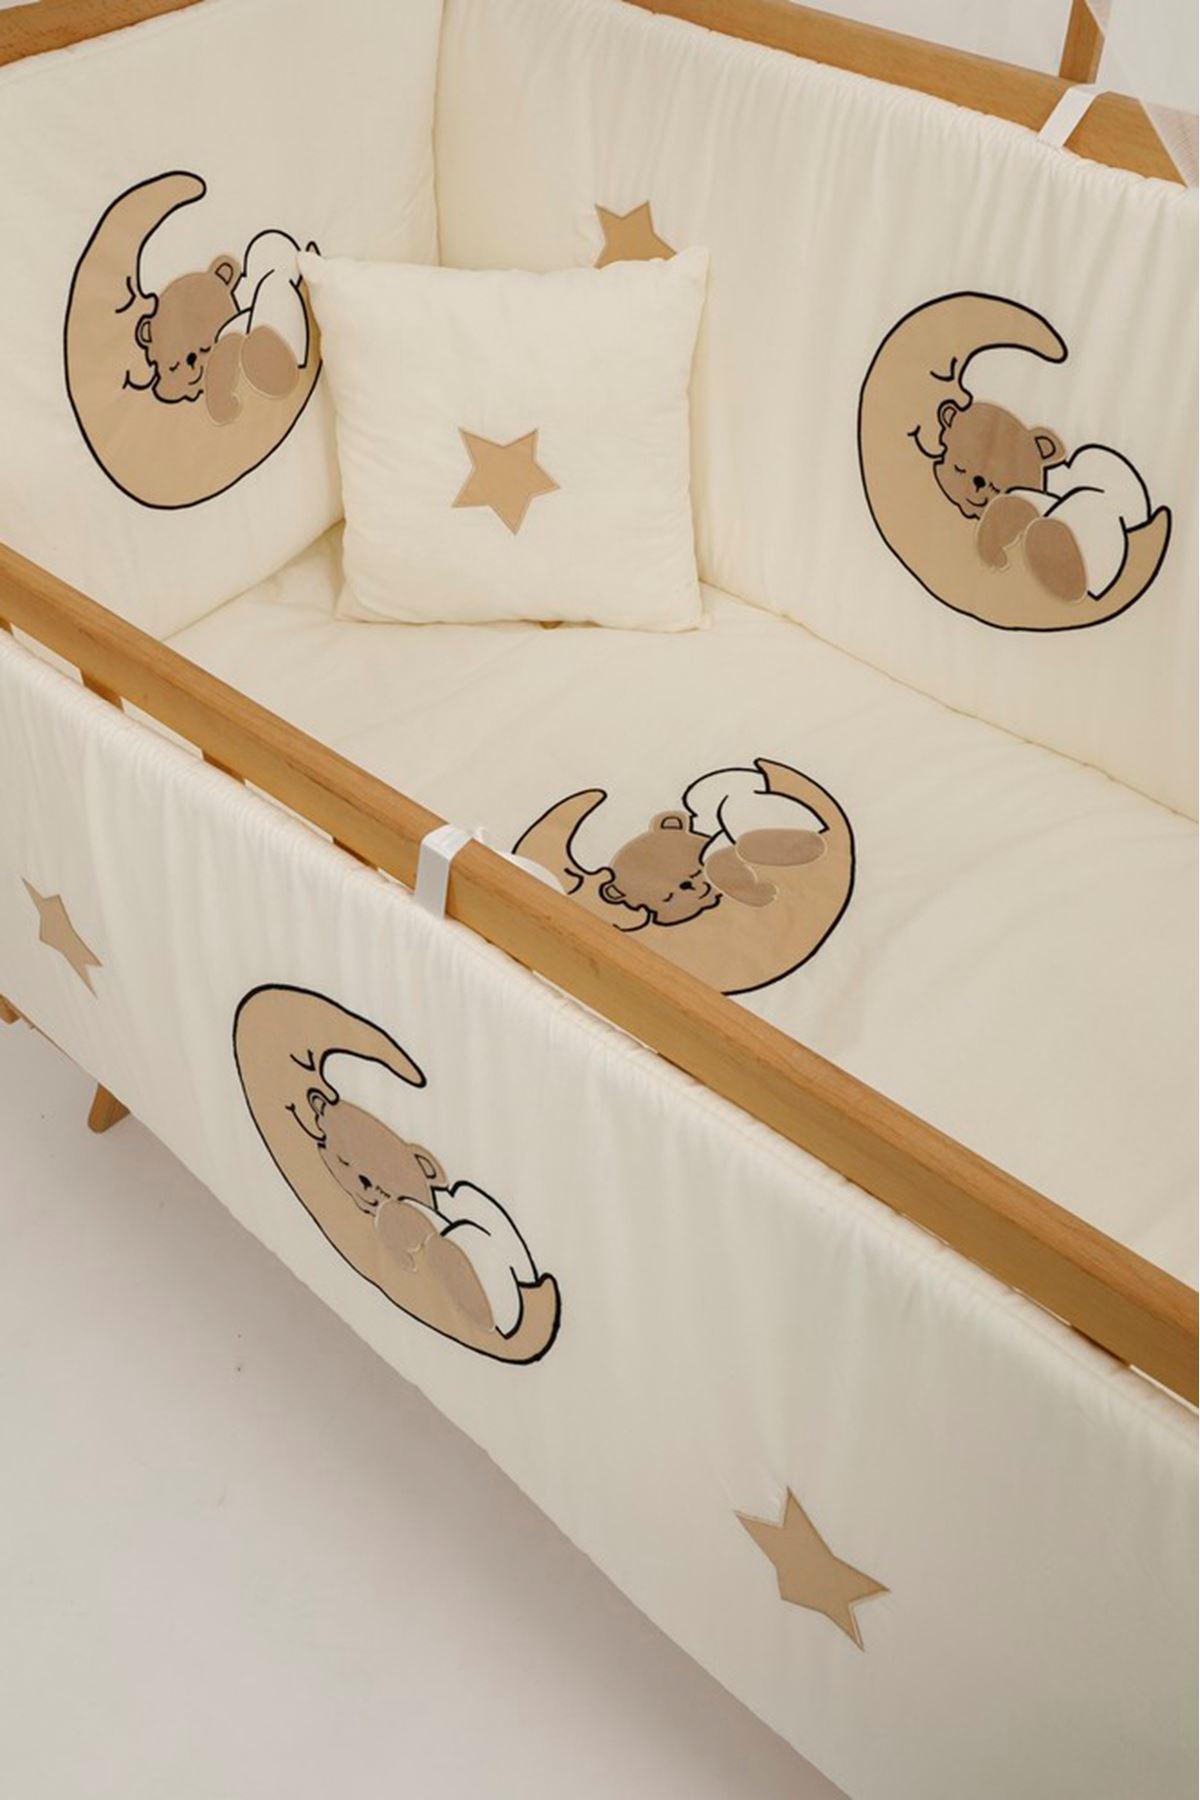 سرير خشبي مستطيل 5 سنوات قماش الدبدوب